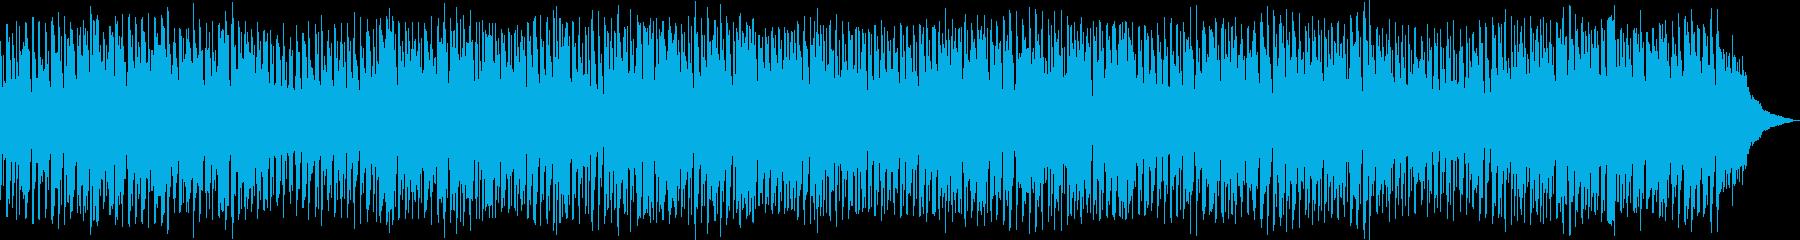 おかしく軽快に奏でるトレイン・カントリーの再生済みの波形